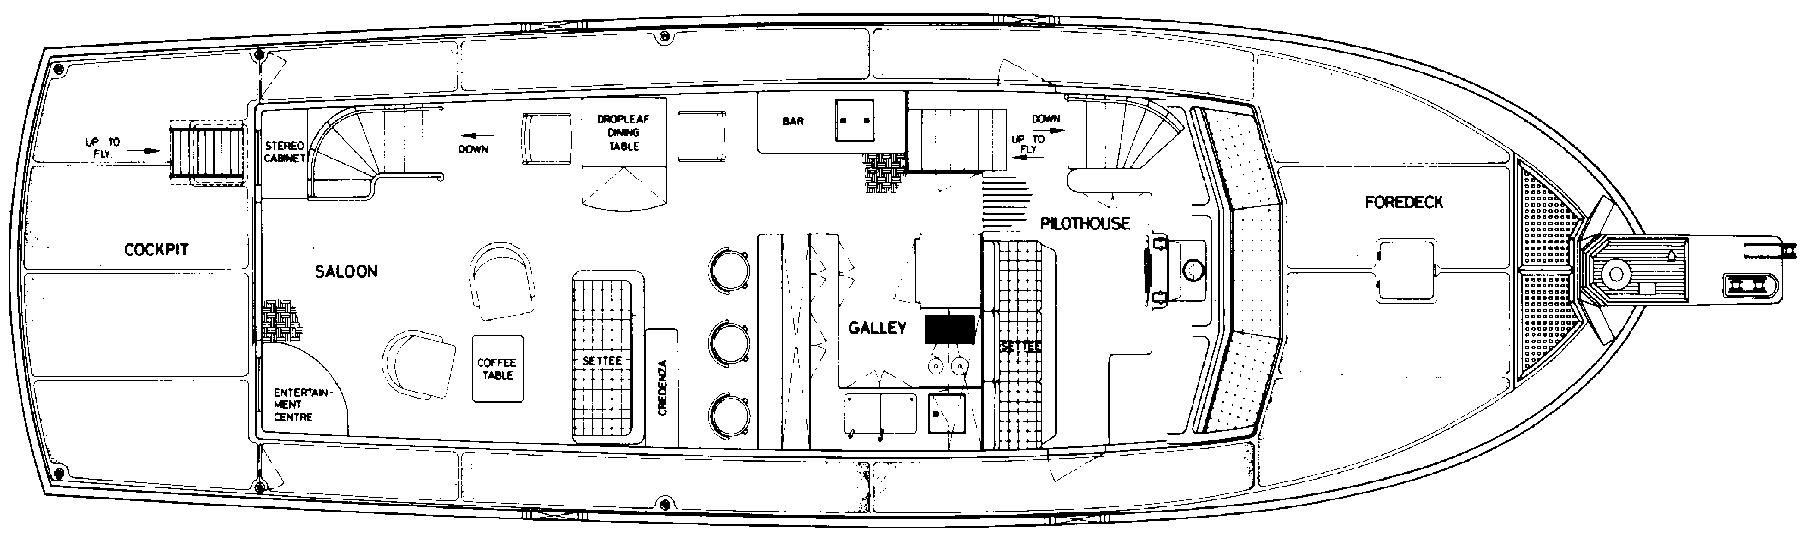 58 Classic Floor Plan 2